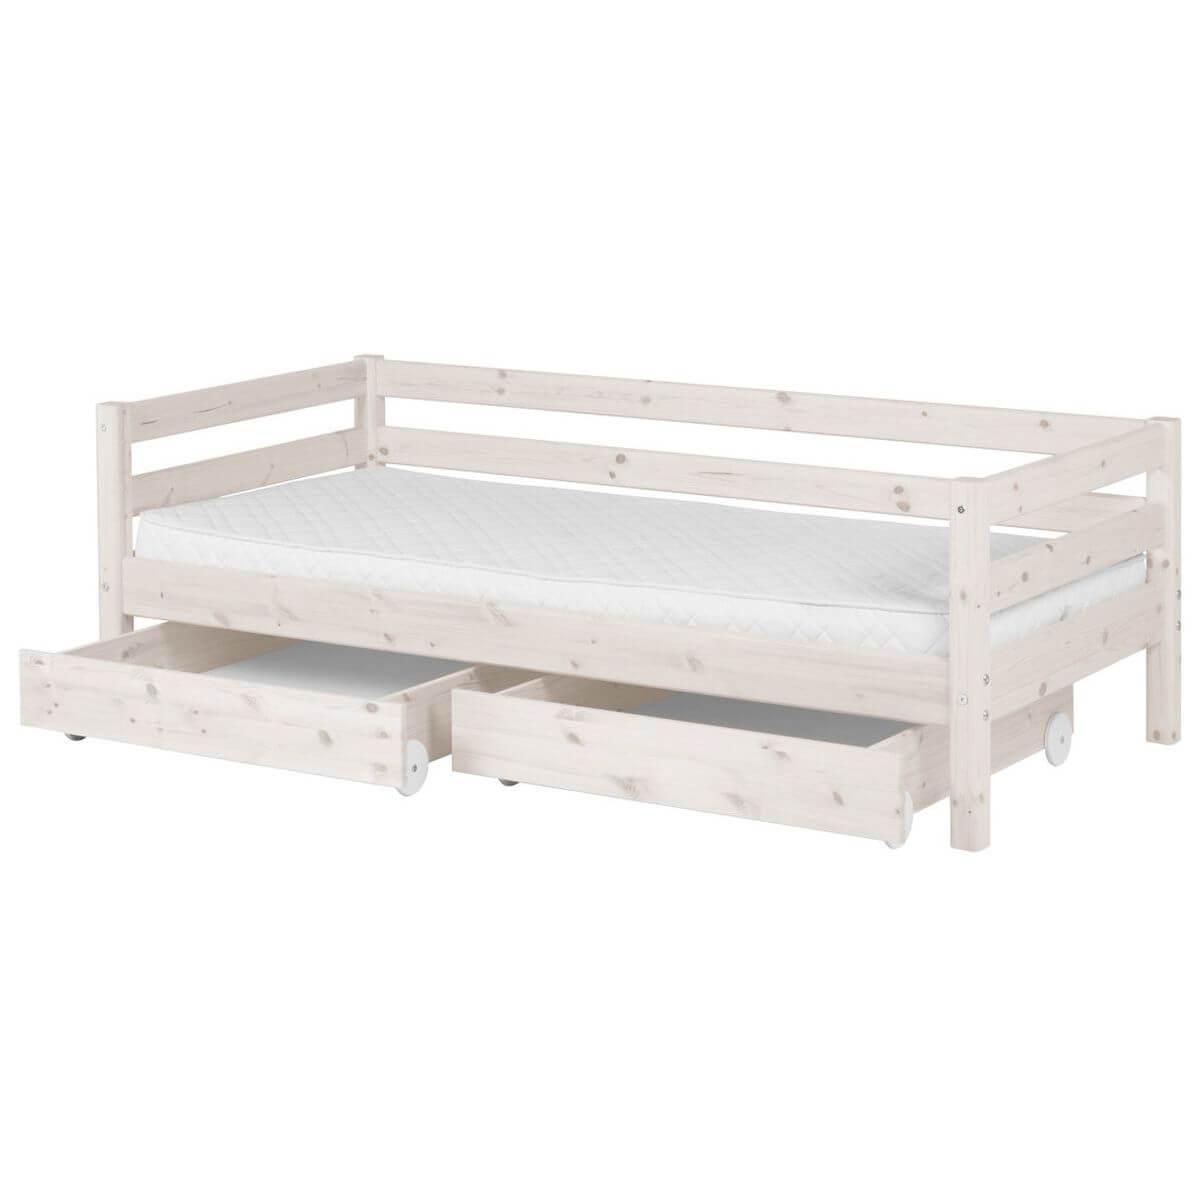 Bett 90x200cm + 2 Schubladen CLASSIC LINE by Flexa whitewash